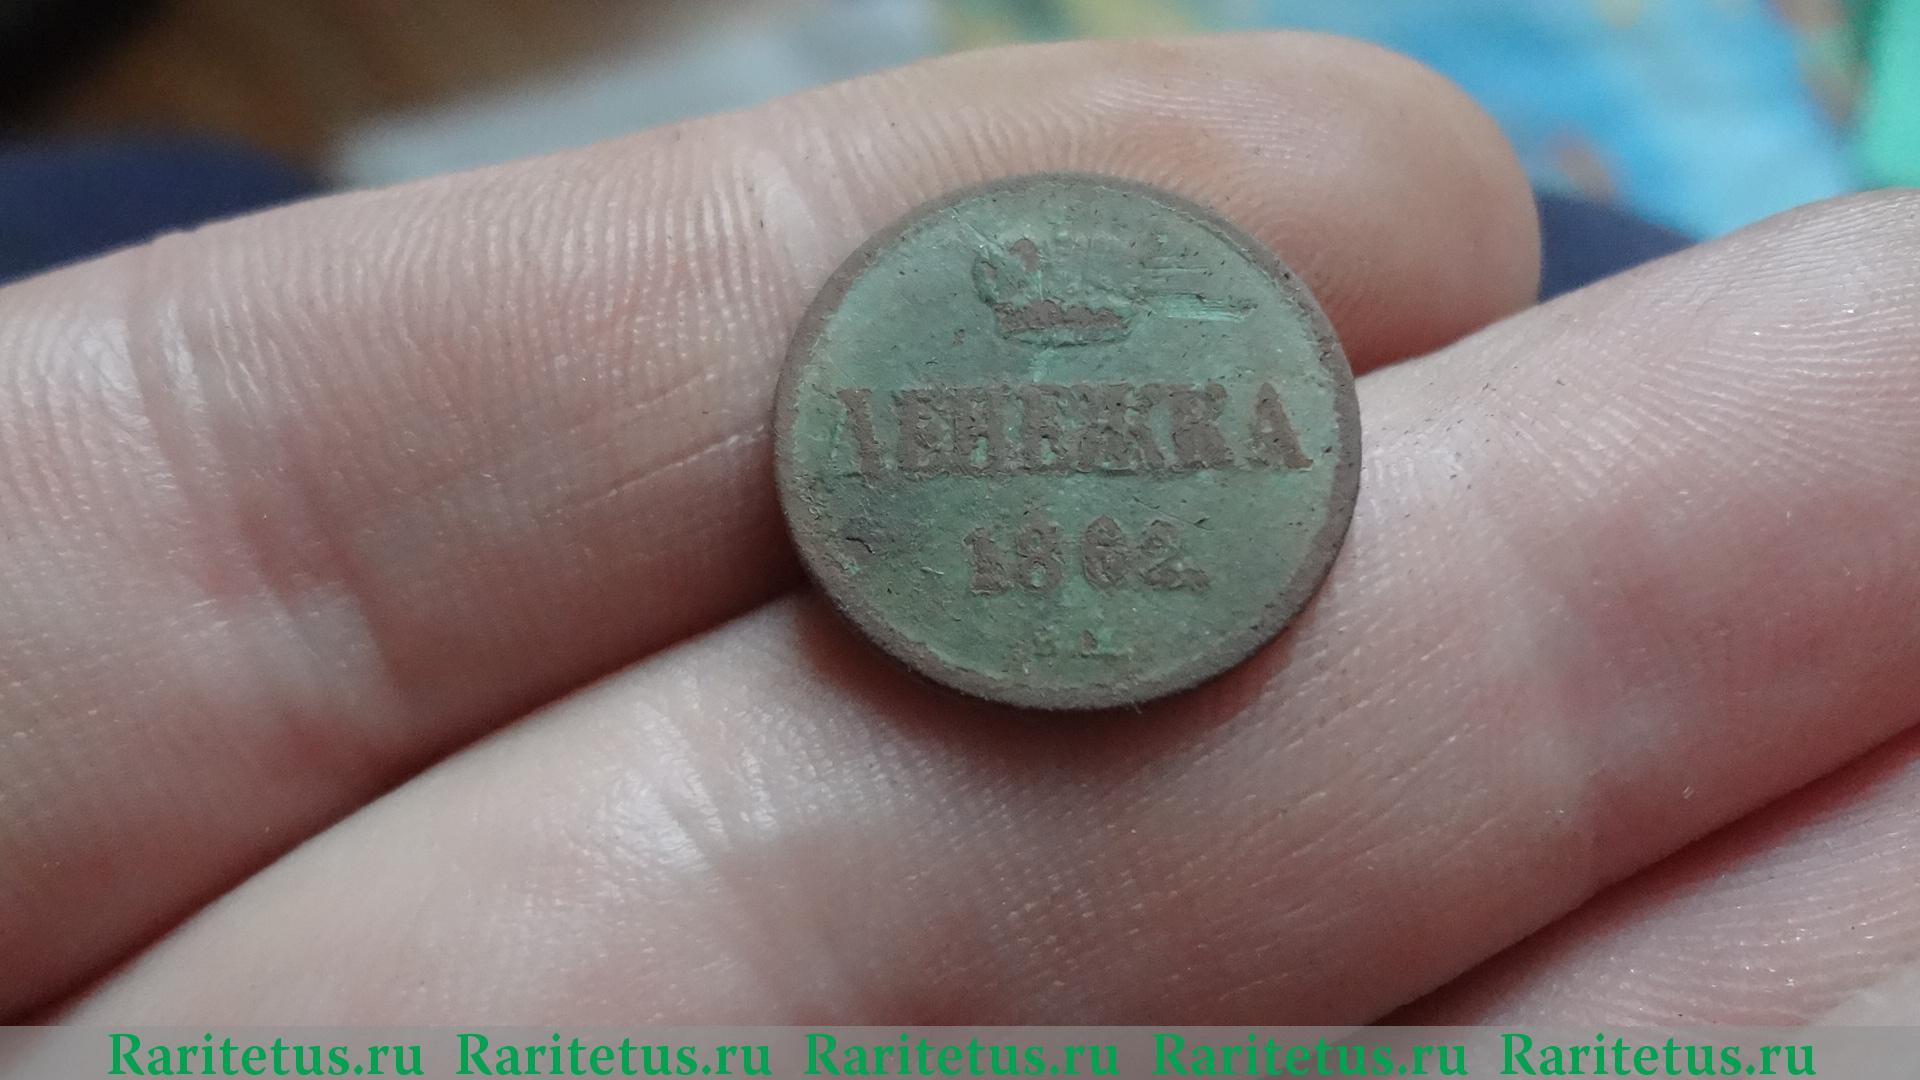 Денежка 1862 года цена монеты гдр почему дорогие